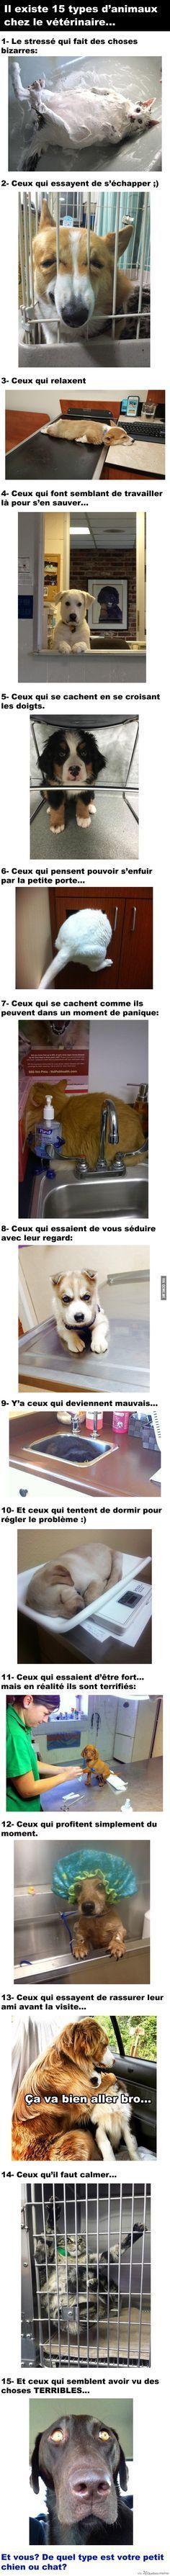 Animaux au Vétérinaire – Québec Meme +